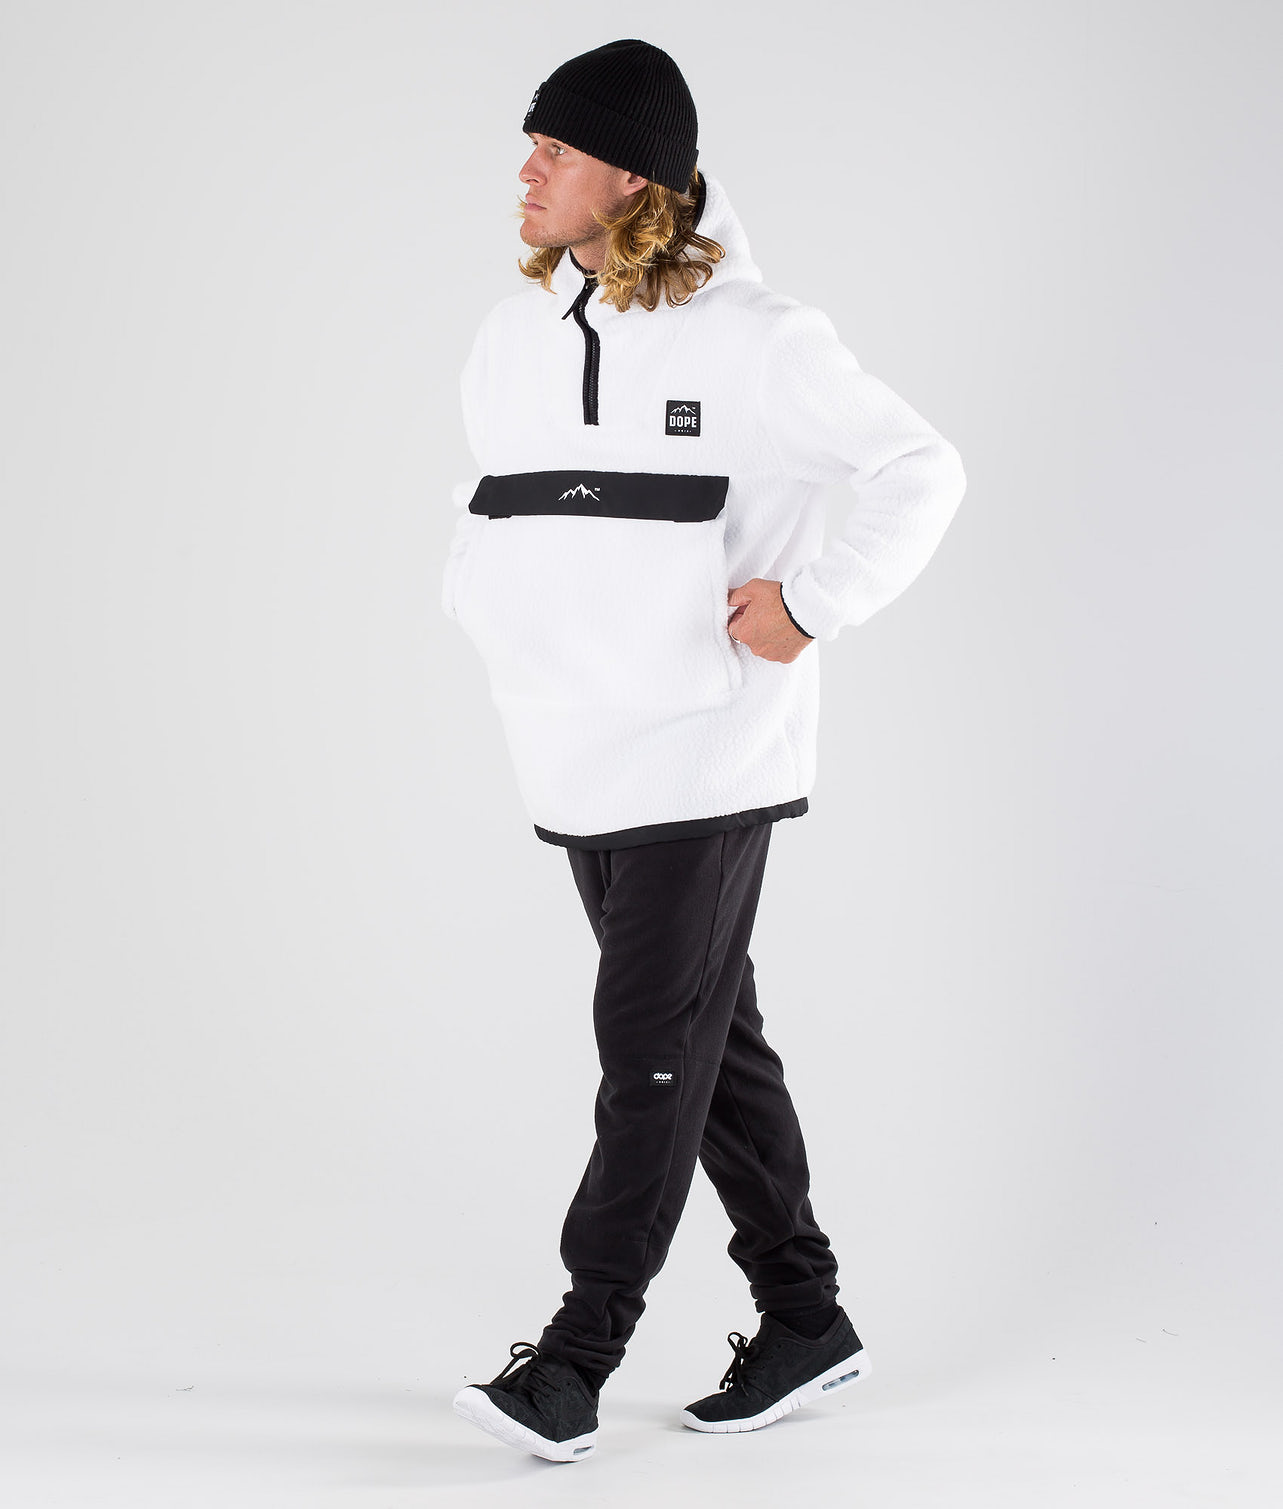 Kjøp Oi Trøyer Snow fra Dope på Ridestore.no - Hos oss har du alltid fri frakt, fri retur og 30 dagers åpent kjøp!